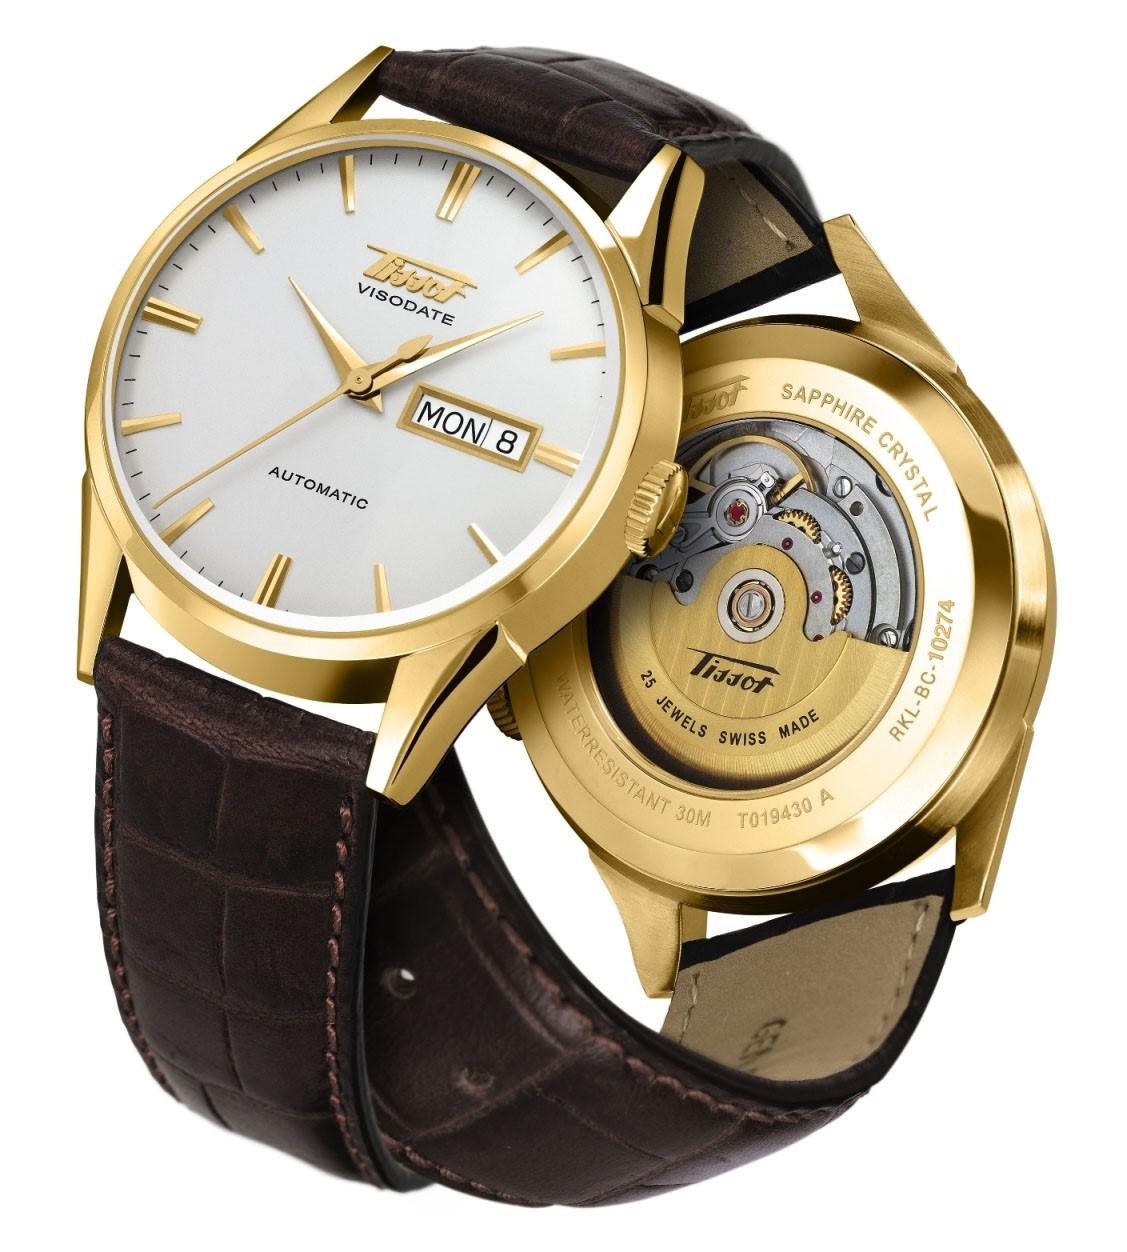 天梭好吗?天梭手表怎么样?天梭表质量好吗?